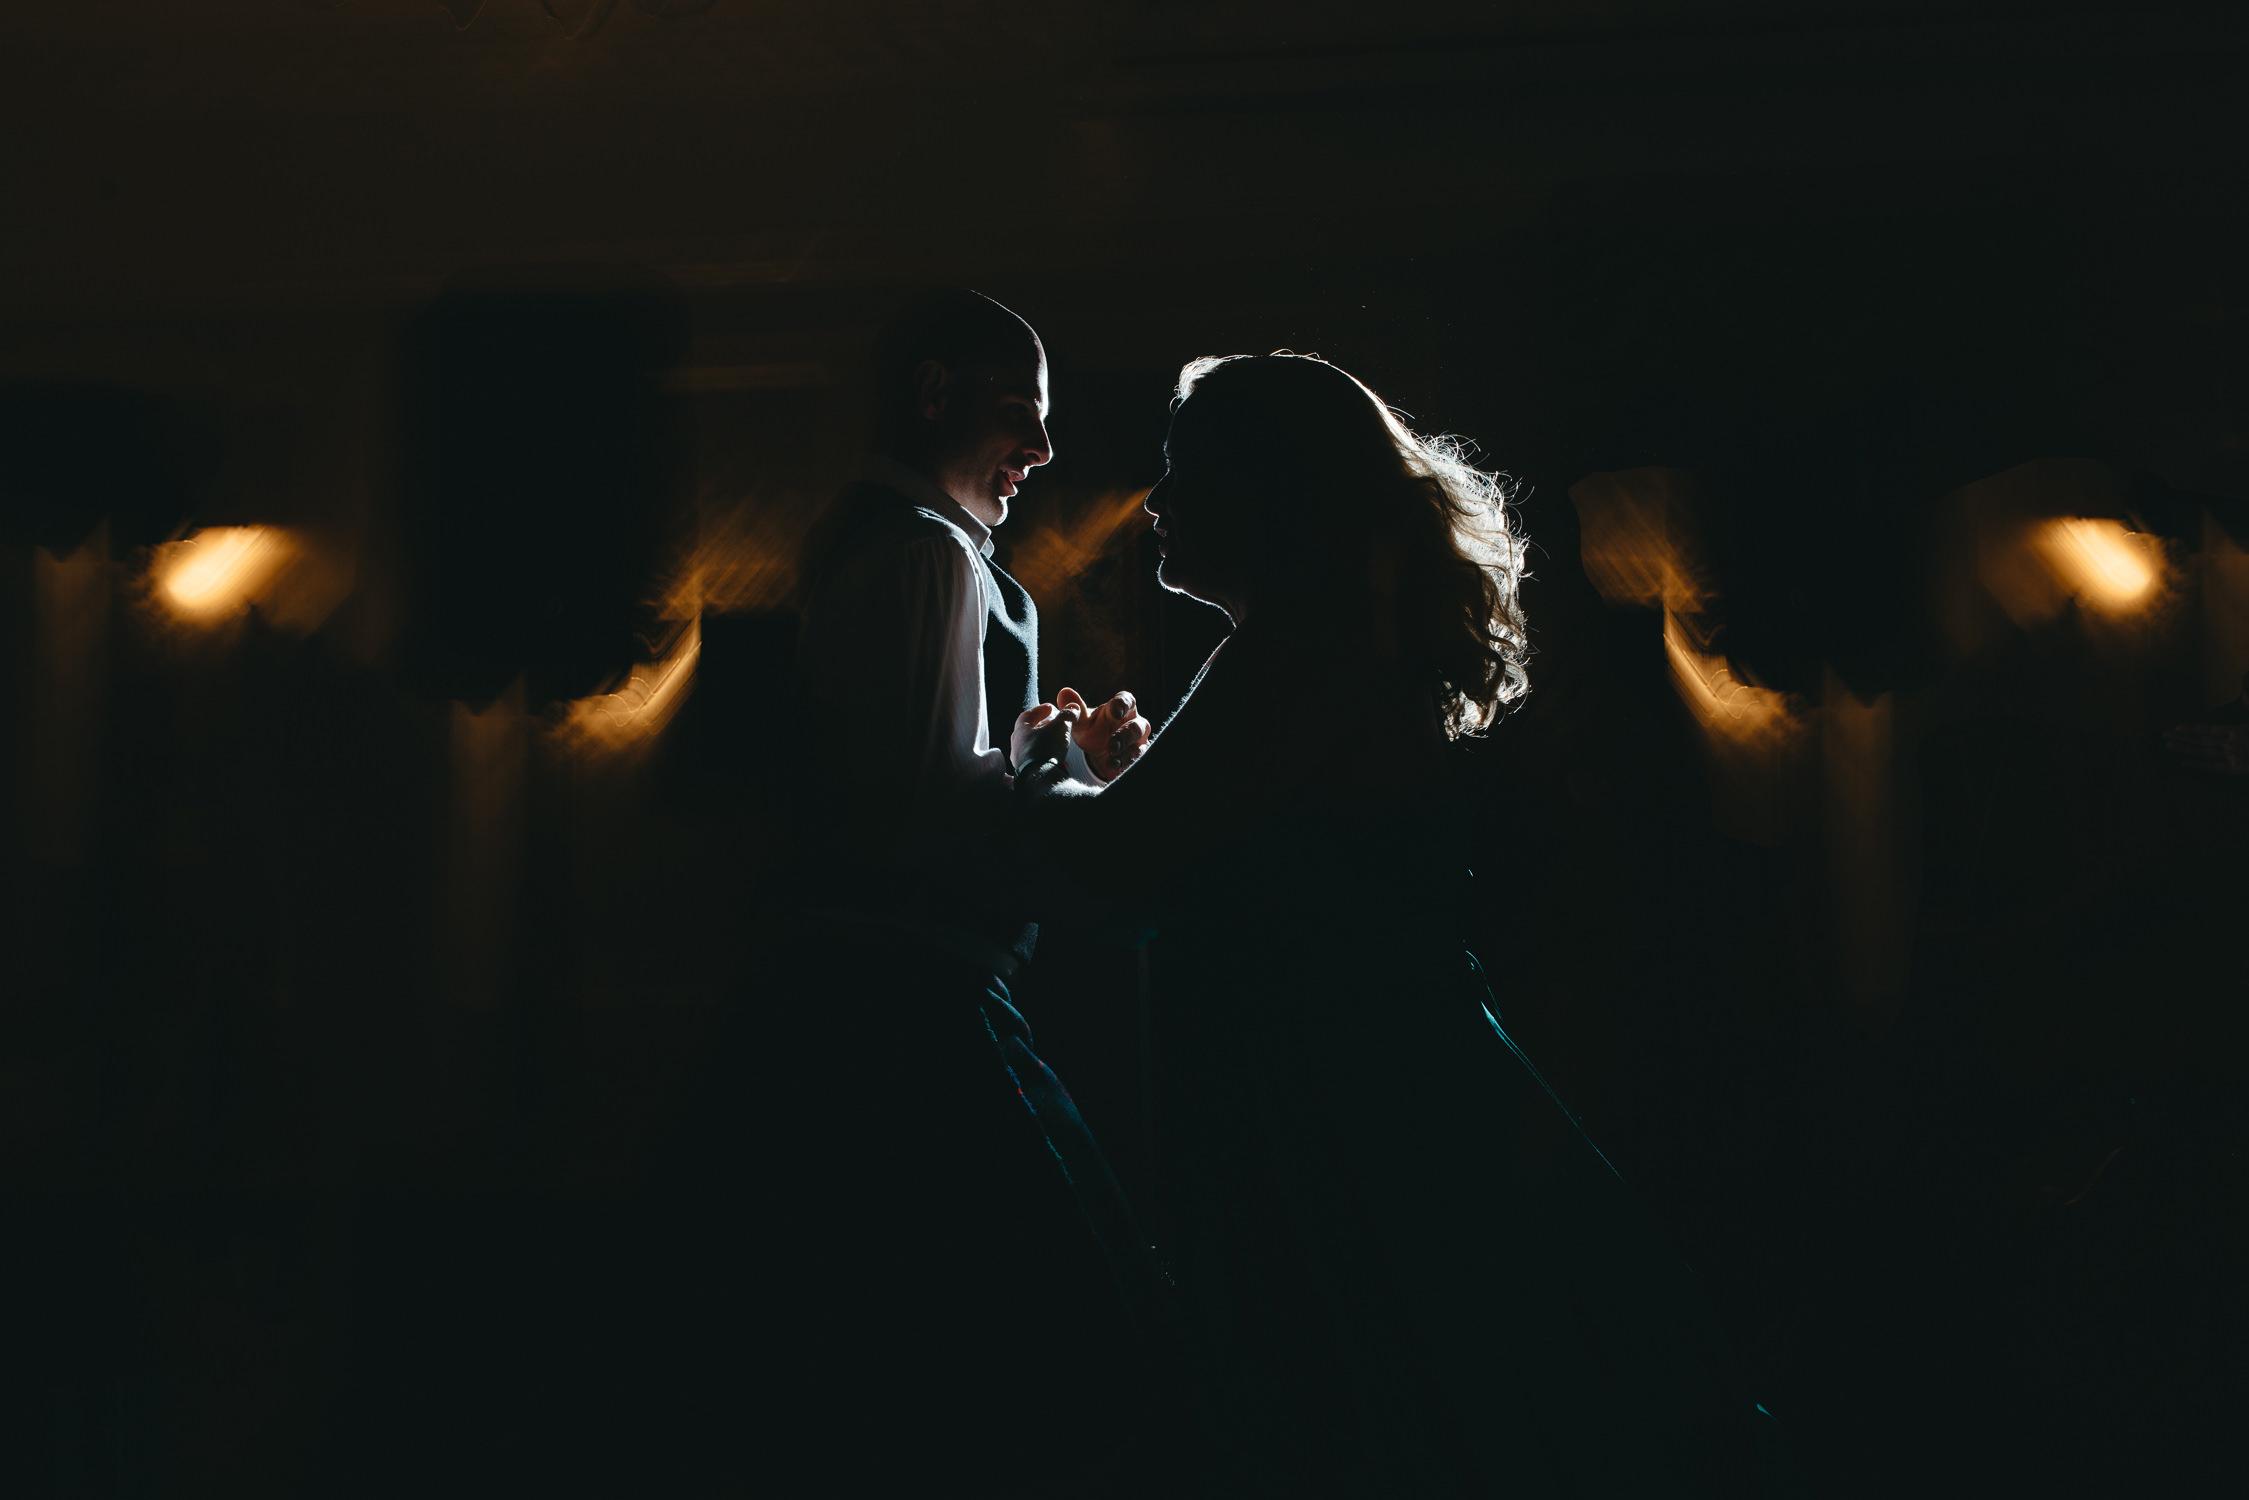 bruidsfotografie-amsterdam-utrecht--aberdeen-mark-hadden-wedding-photography-lynne-steve-404.jpg